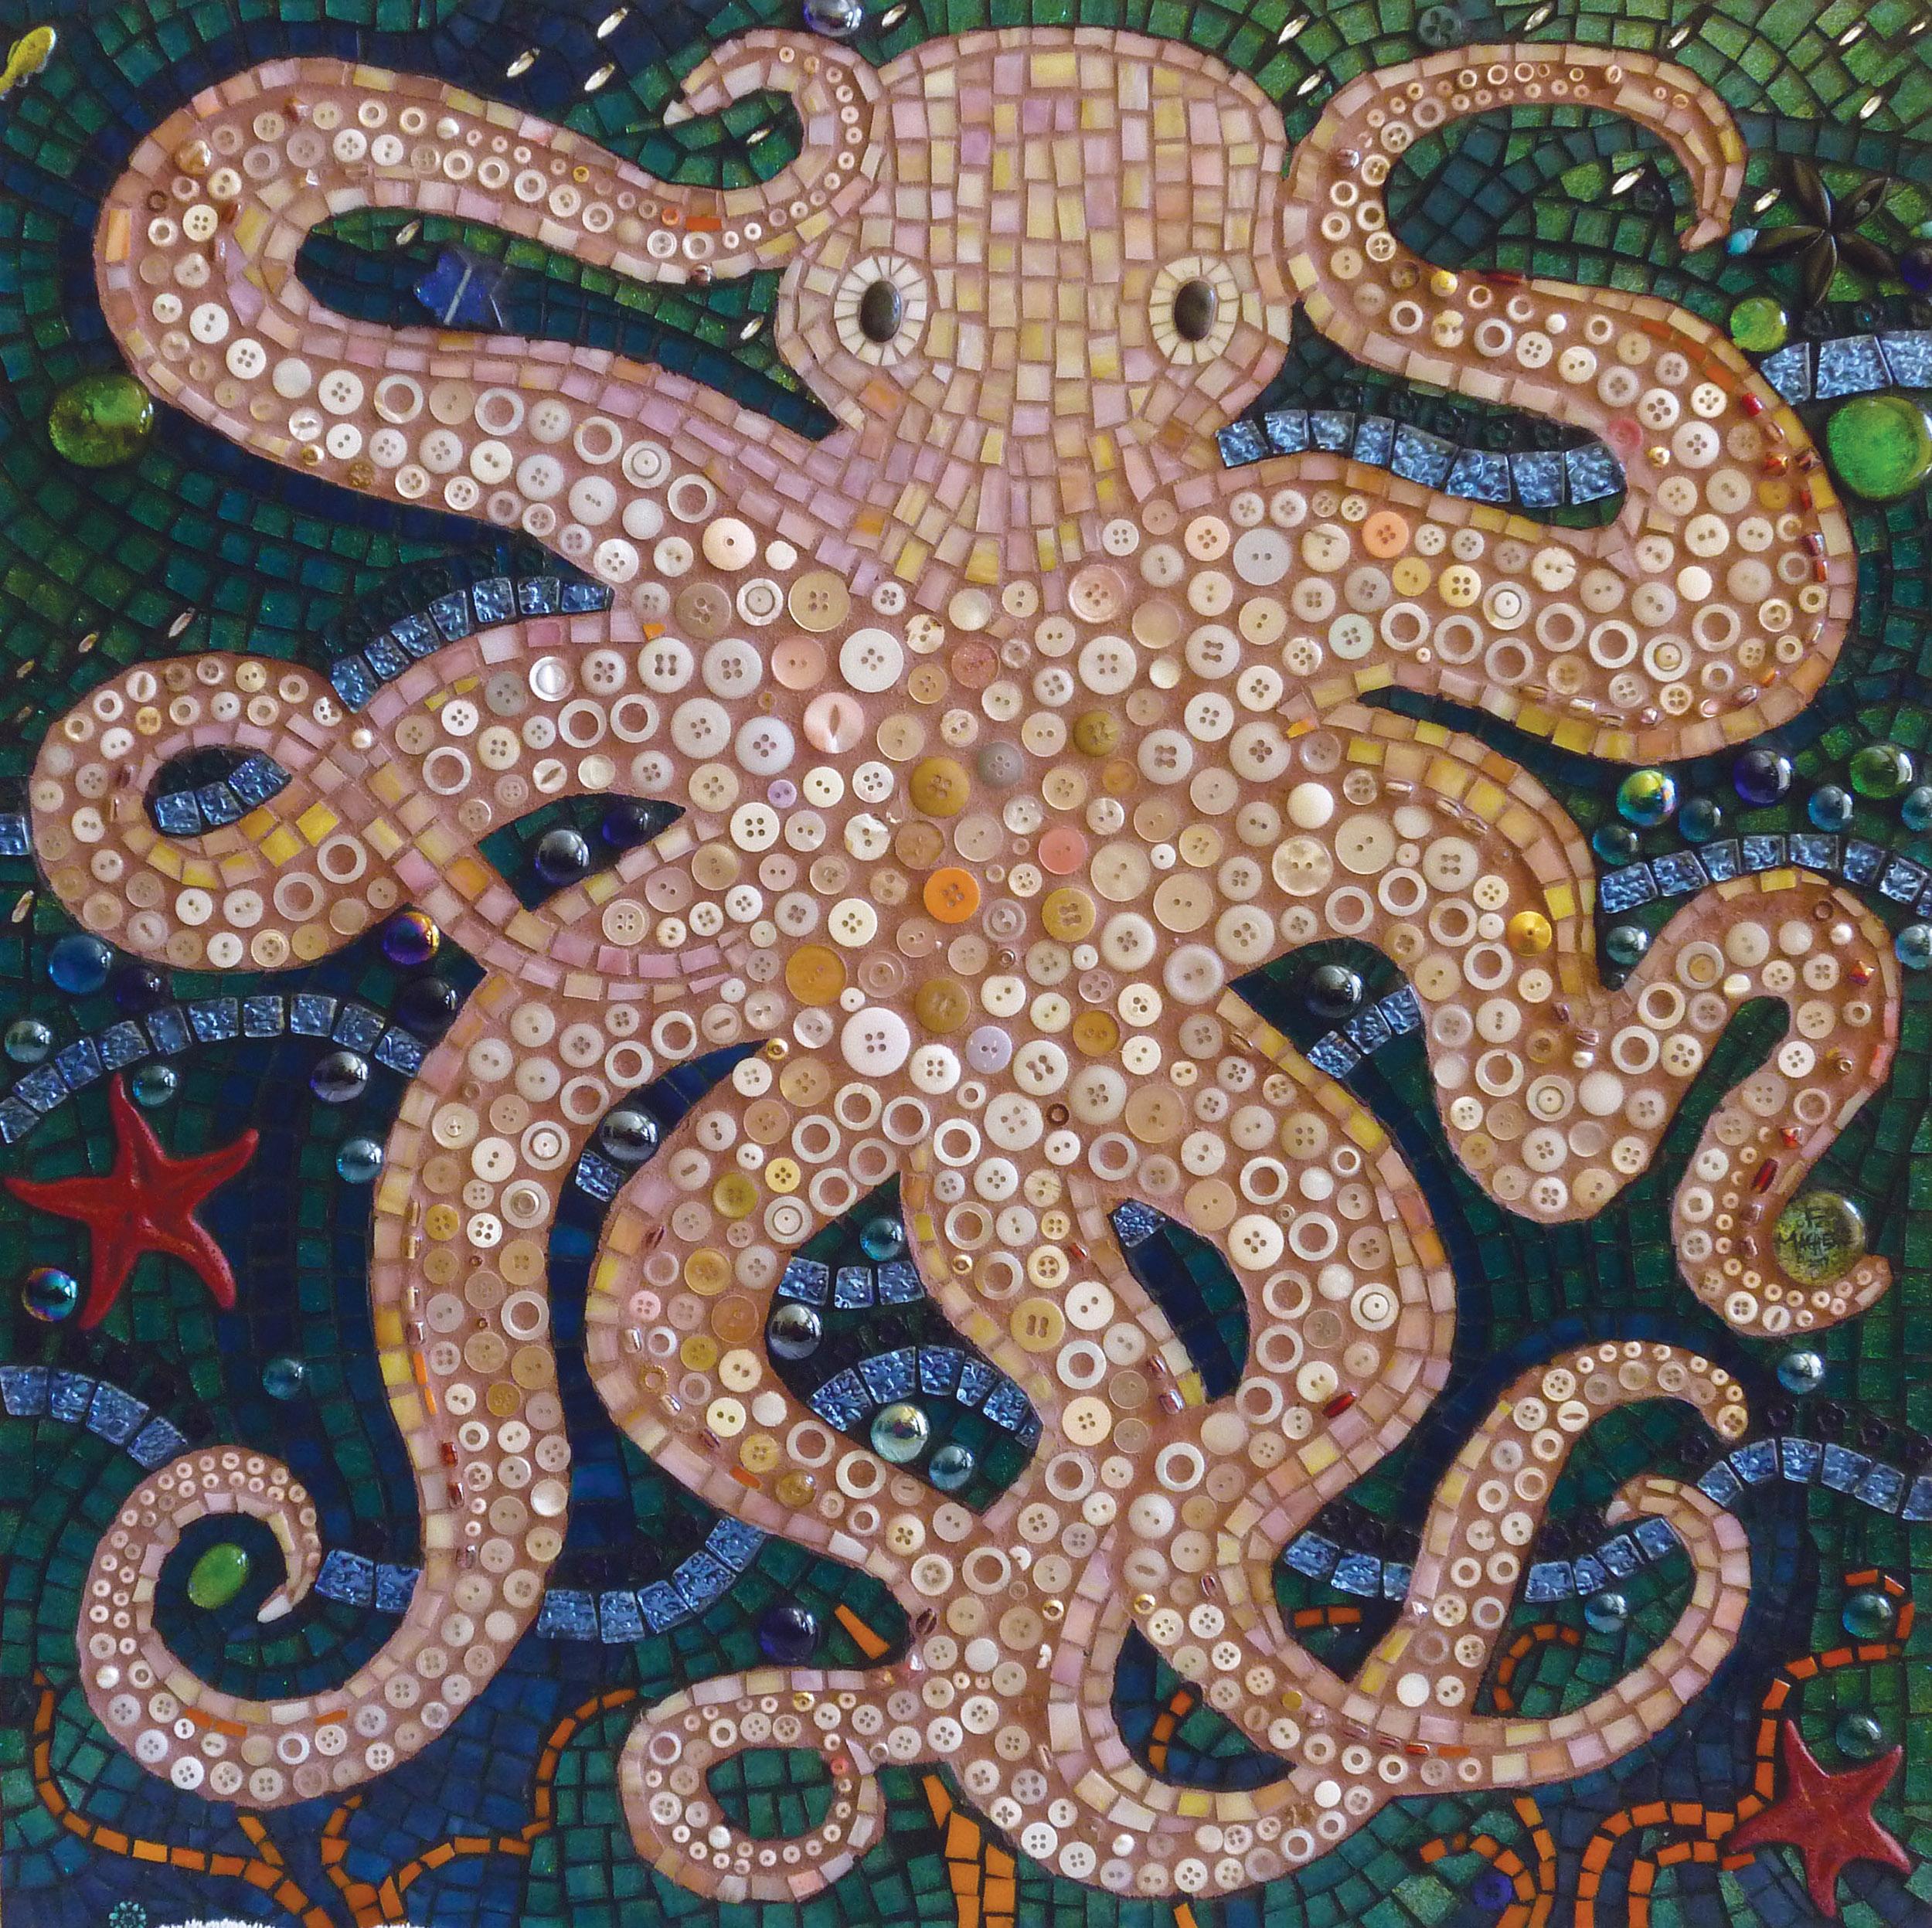 Follow Me (Octopus)